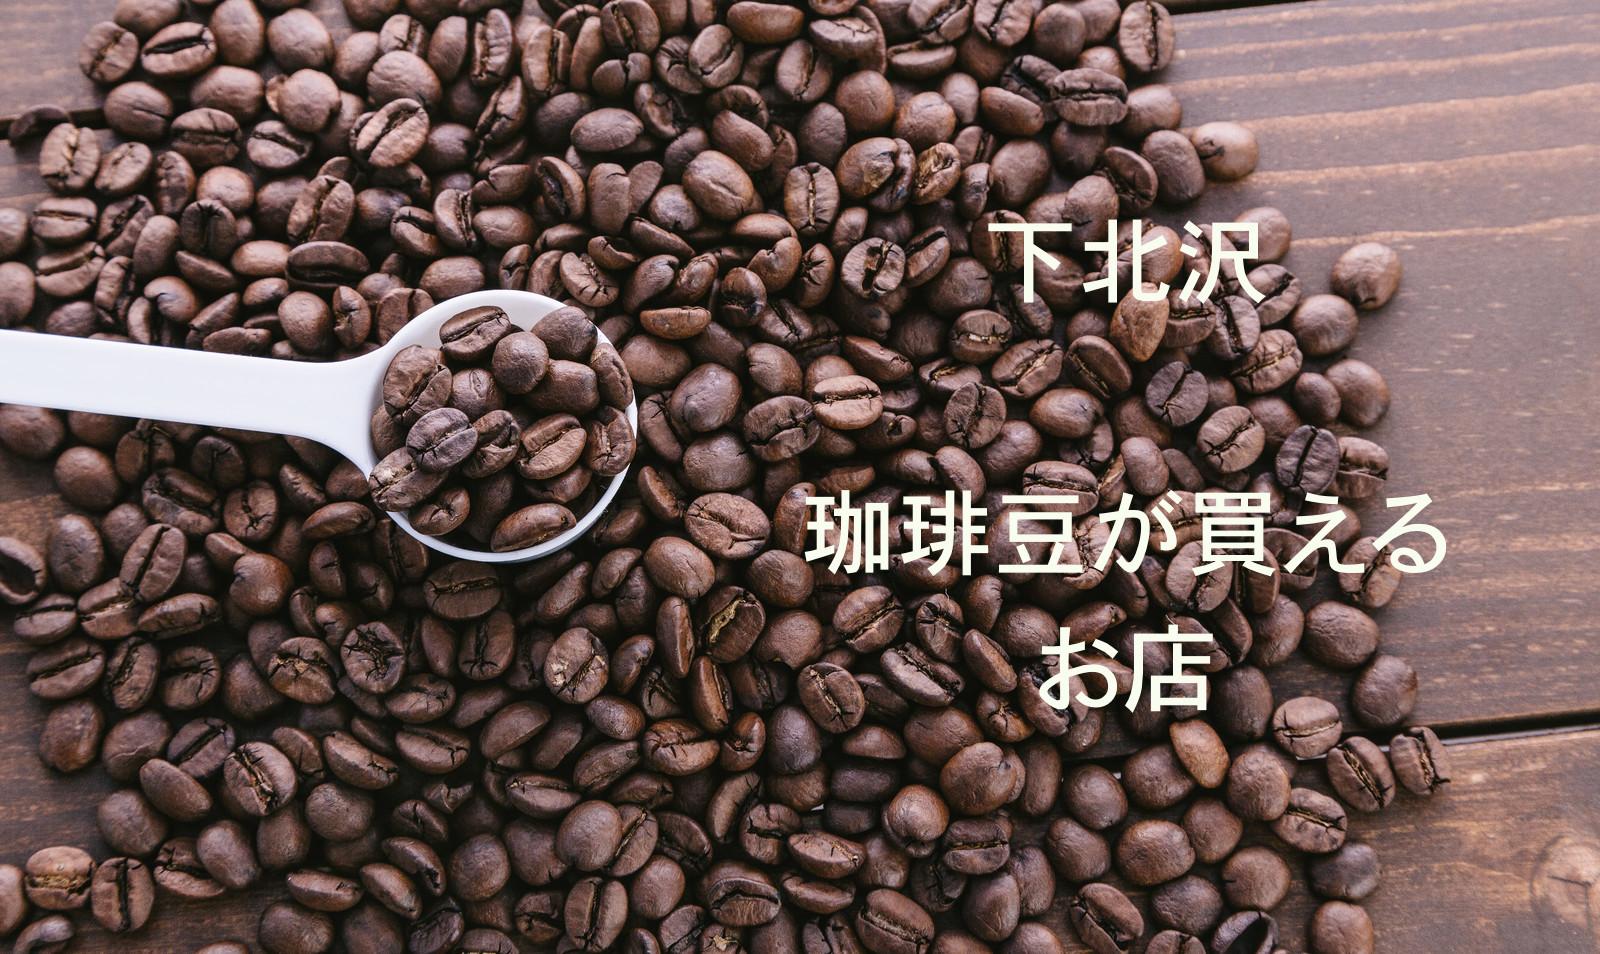 下北沢で珈琲豆が買えるお店